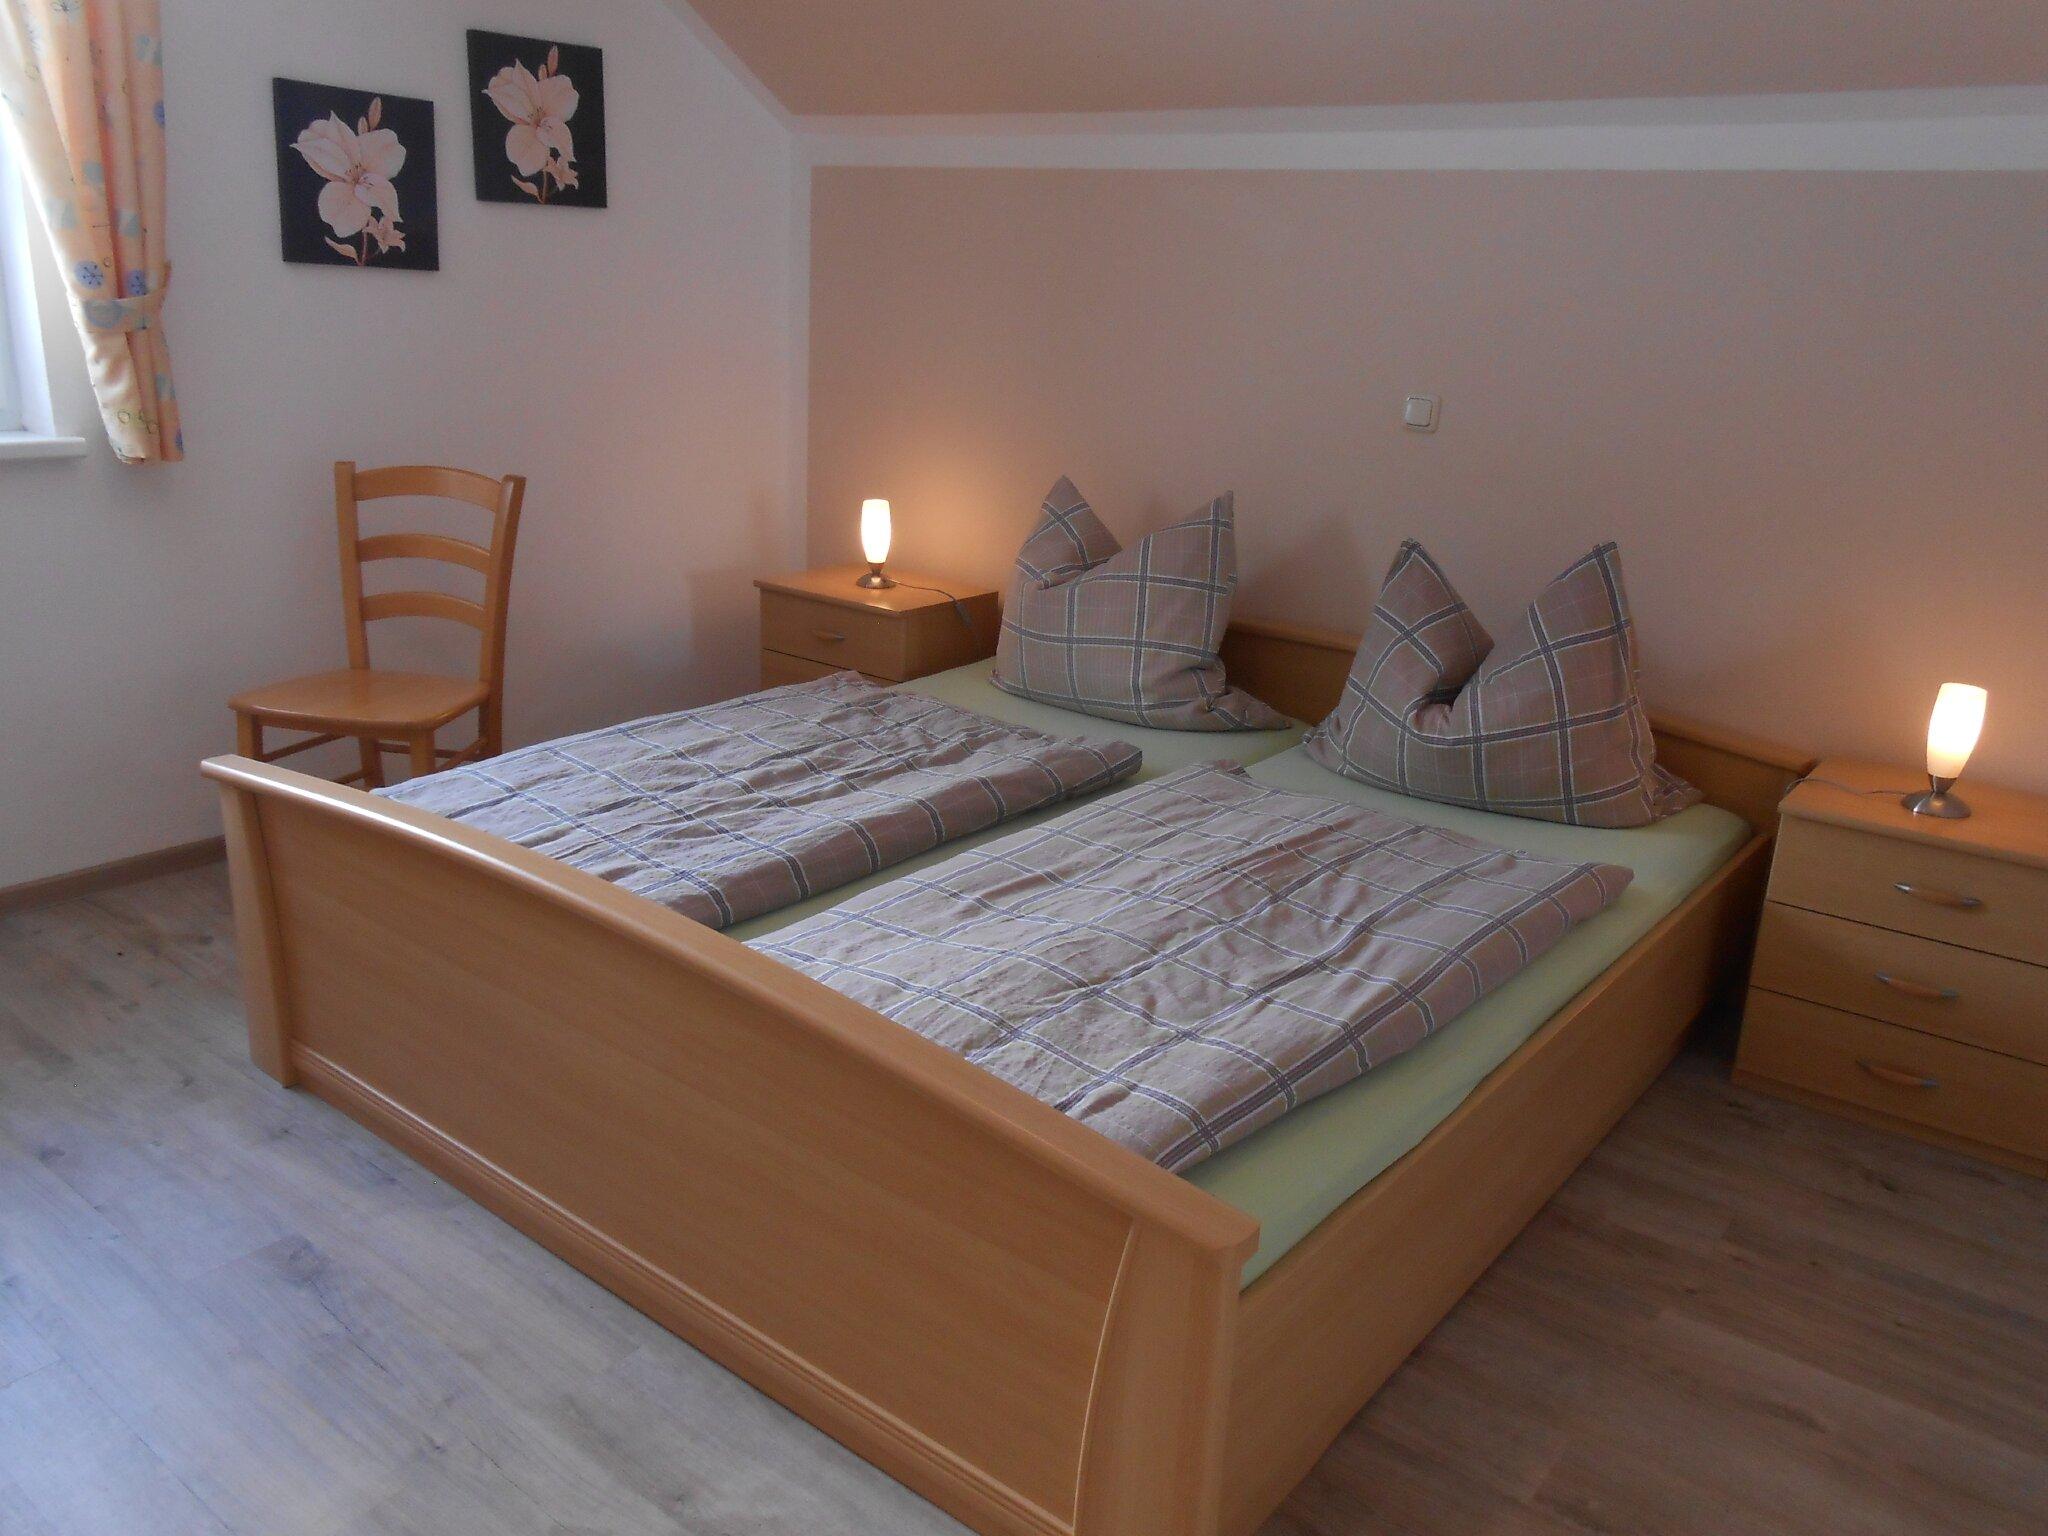 Ferienhaus mit 2 Schlafzimmer